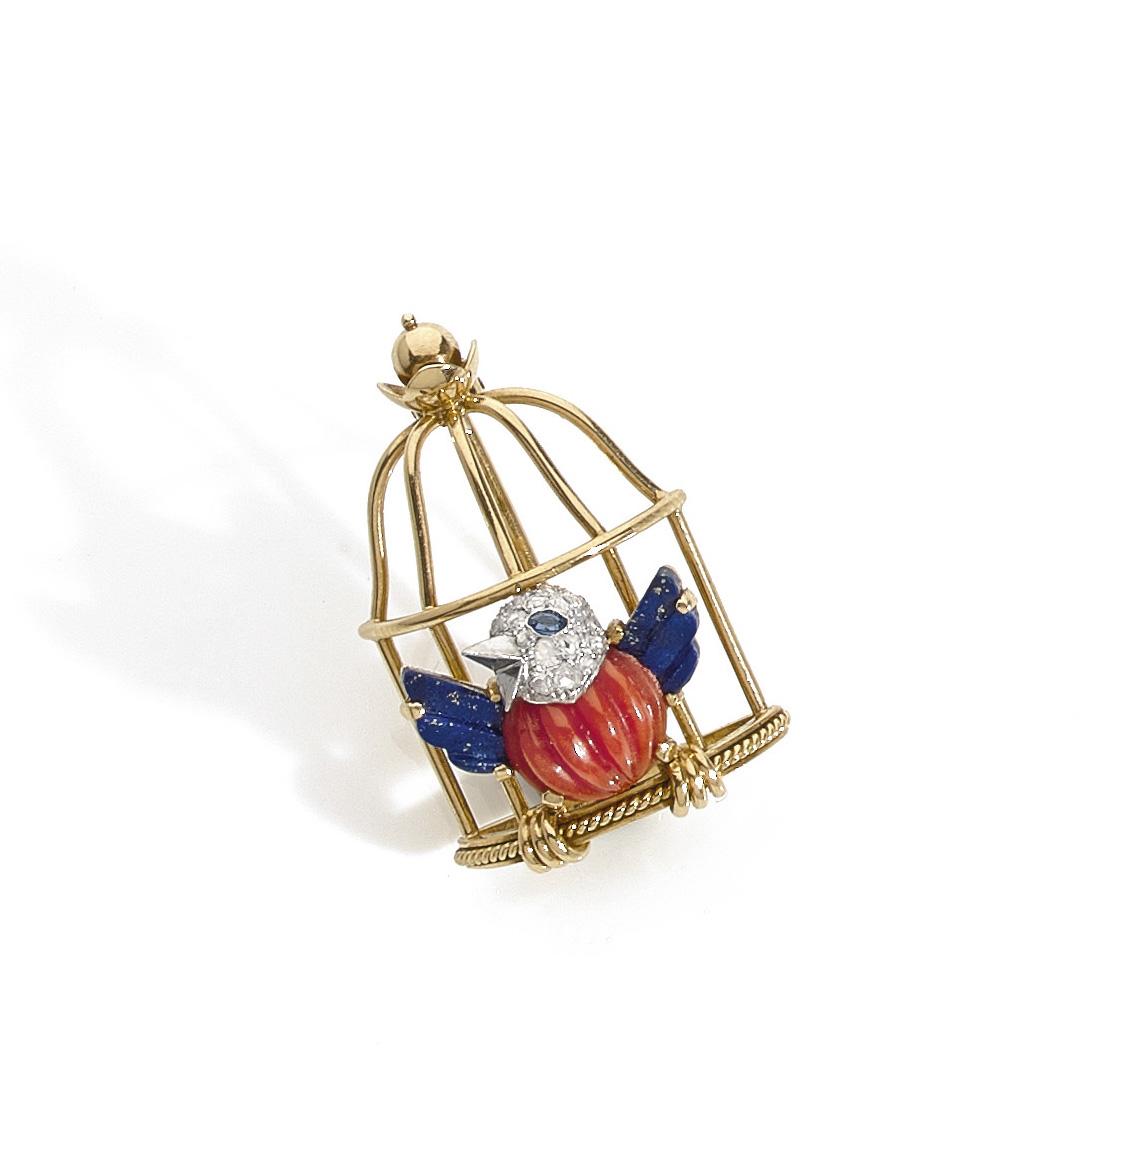 €25,502Cartier, after L'Oiseau en cage by Jeanne Toussaint (1942), L'Oiseau Libéré brooch, 1944, 18 k yellow gold, lapis lazuli, ribbed co